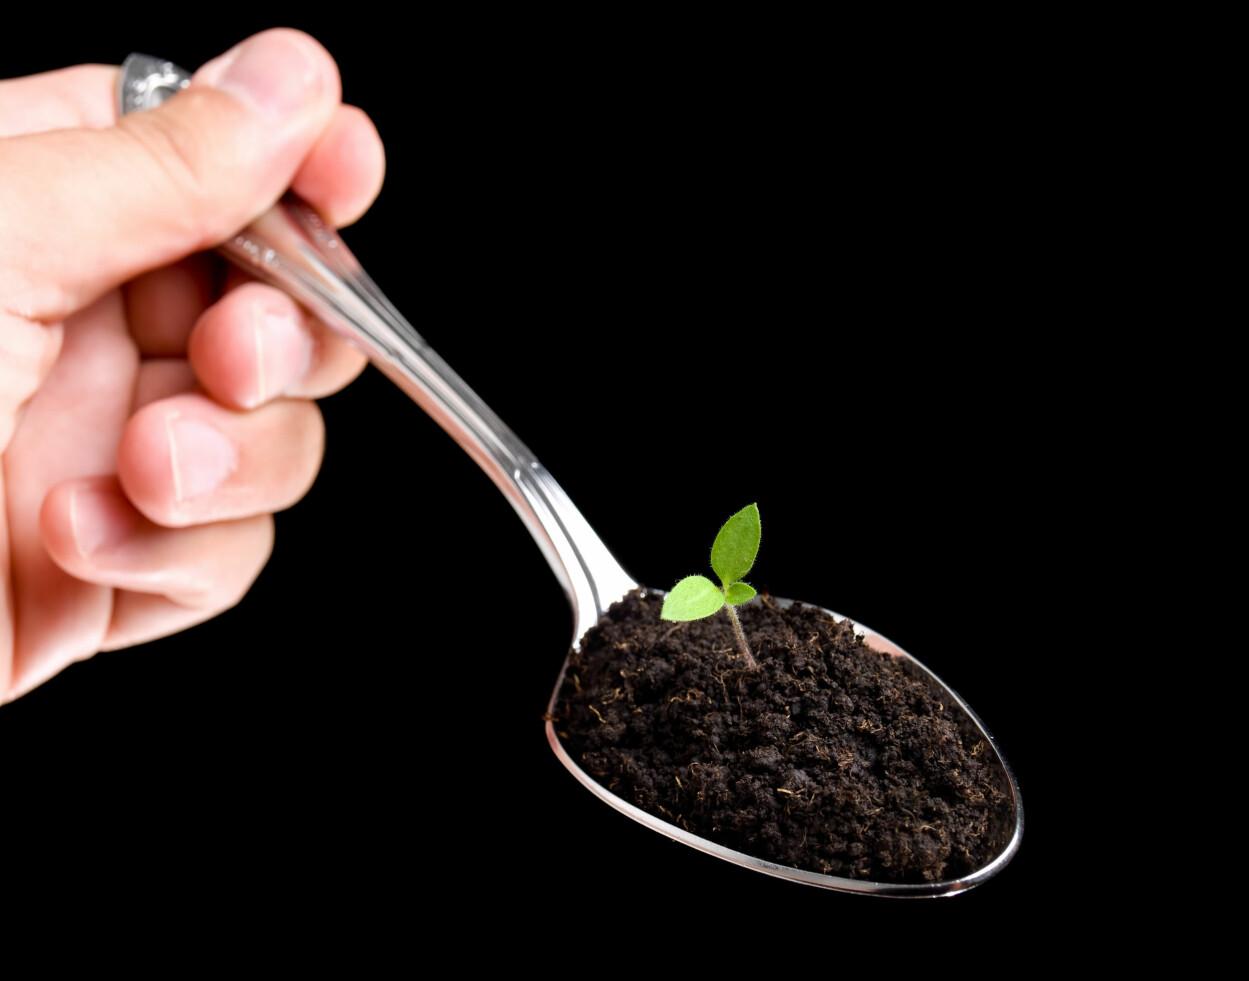 PICA: Hvis du for lyst til å spise merkelige ting som ikke er mat, har du pica. Dette kan være for eksempel jord, sand, maling, hårballer, papir, skitt, dyreavføring eller andre ting som du ikke bør spise. Foto: Shutterstock